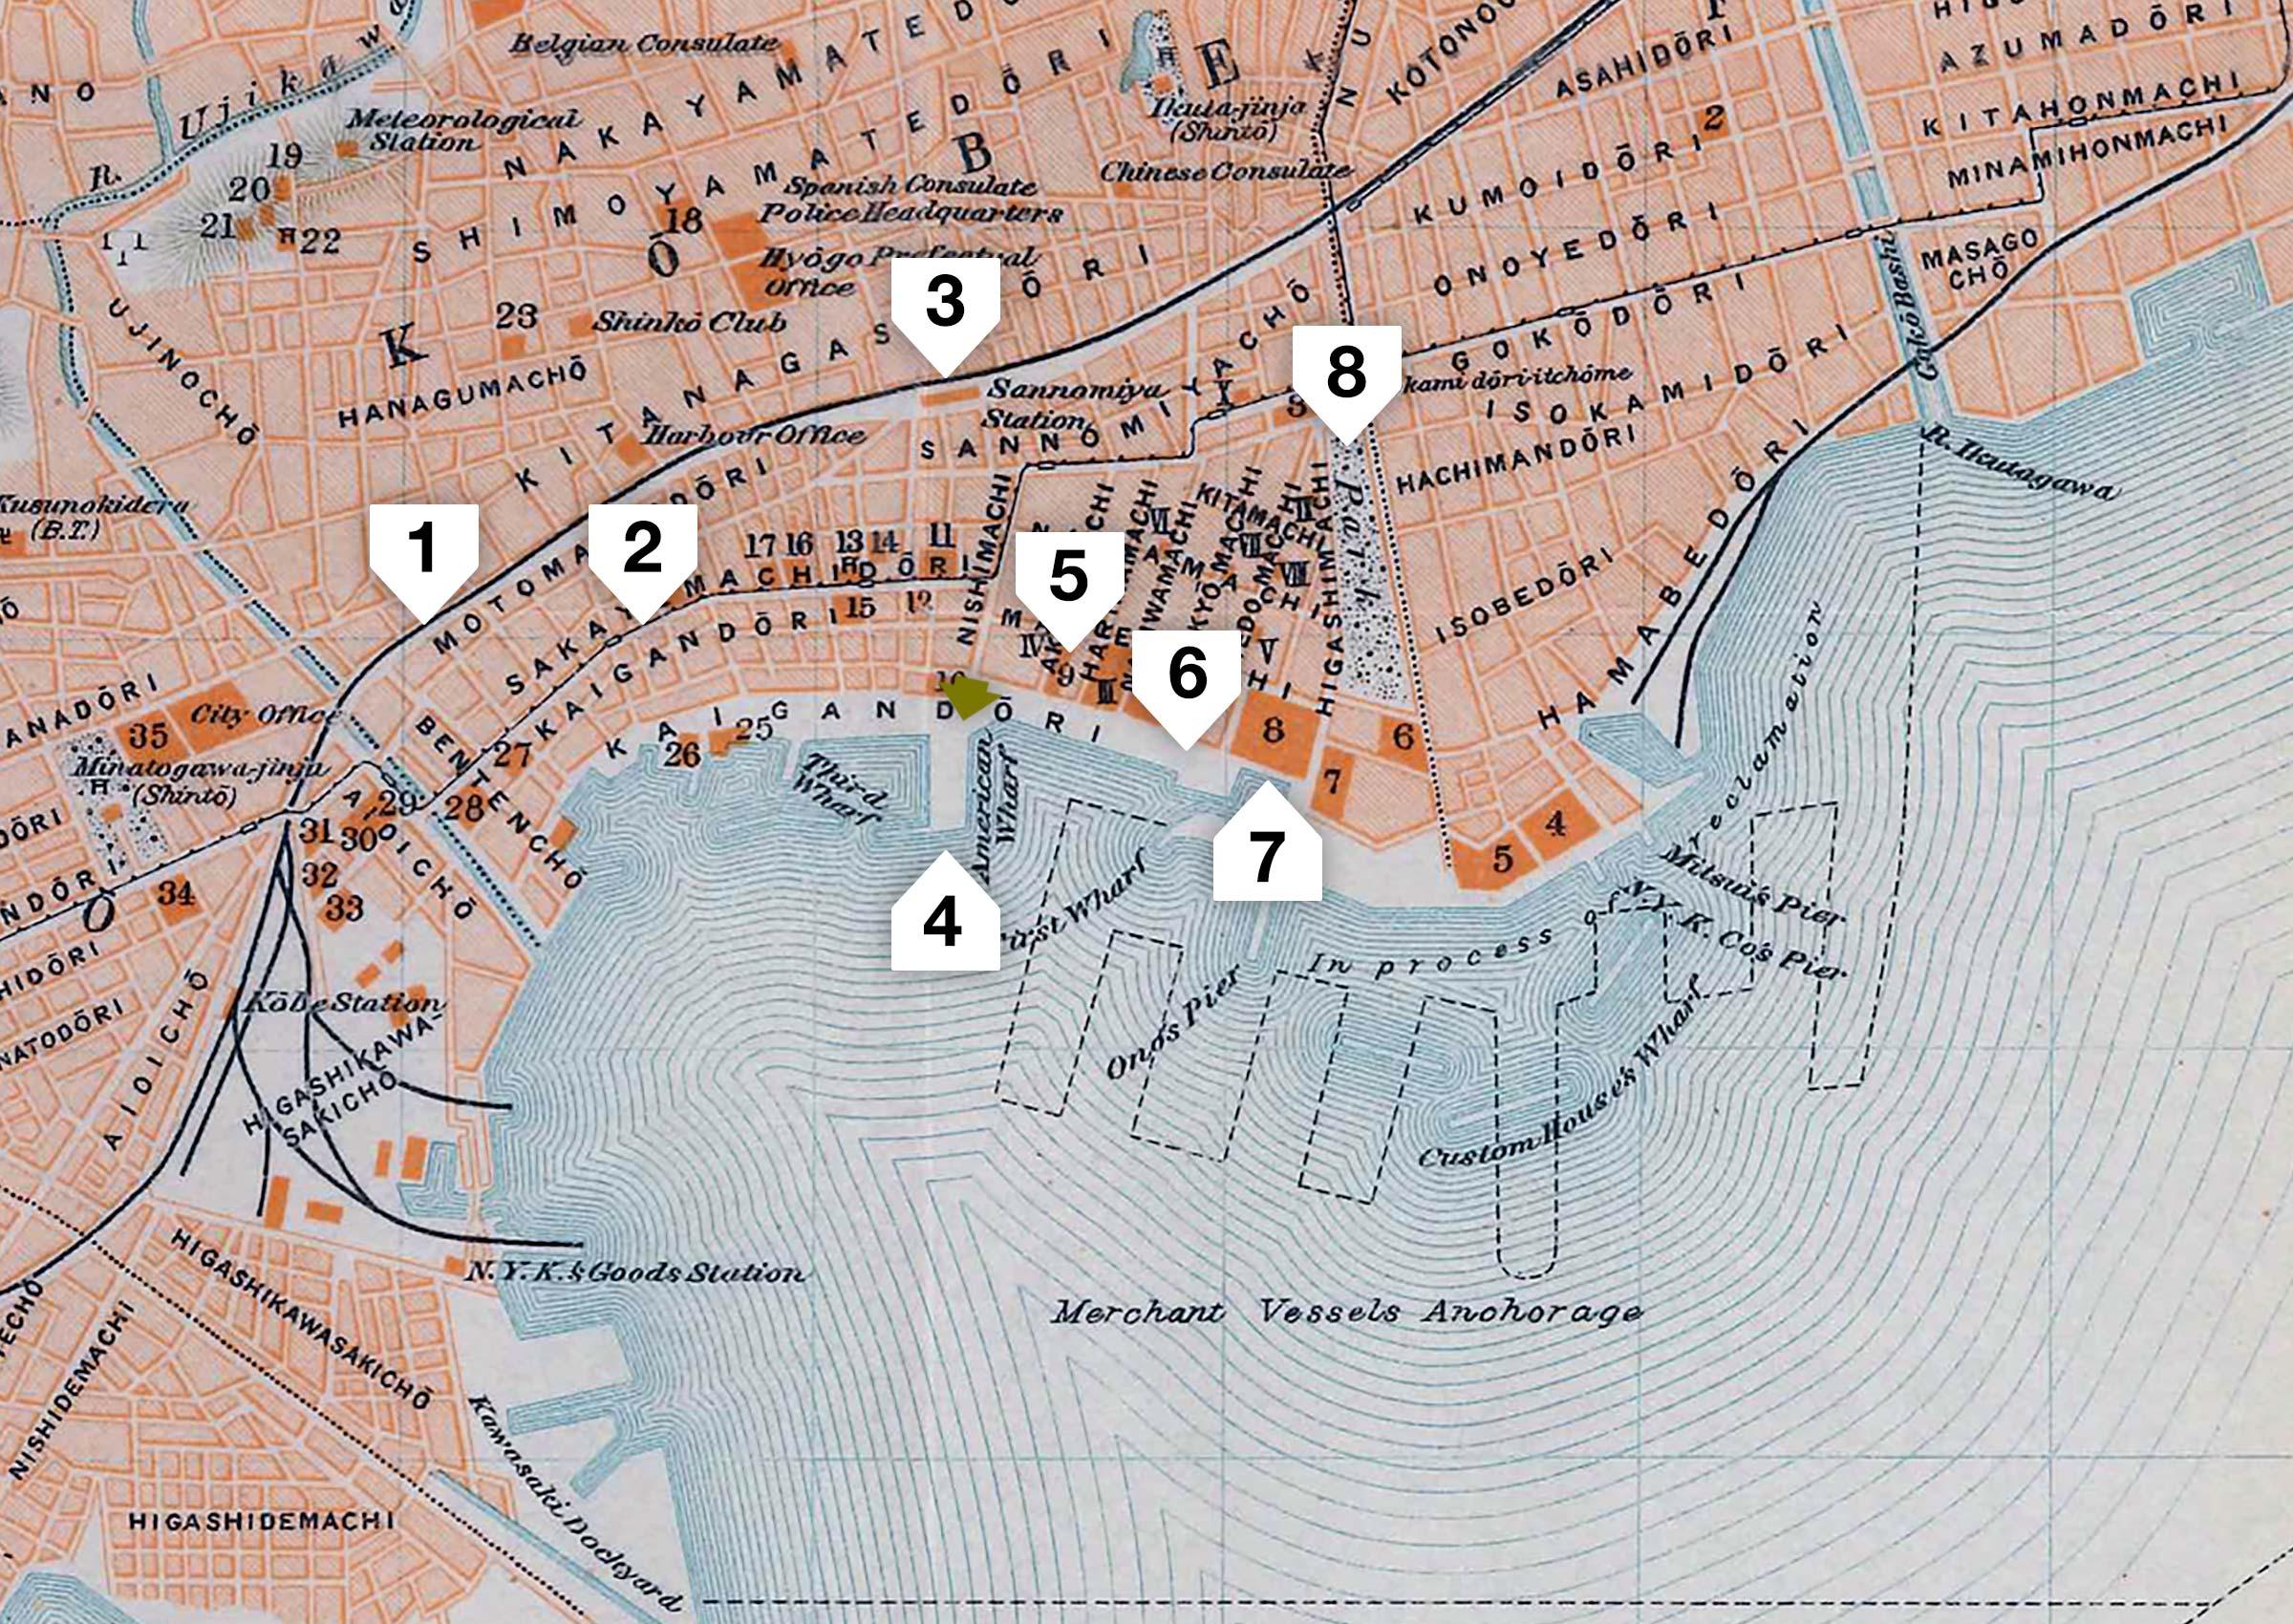 Map of Kobe Port 1914